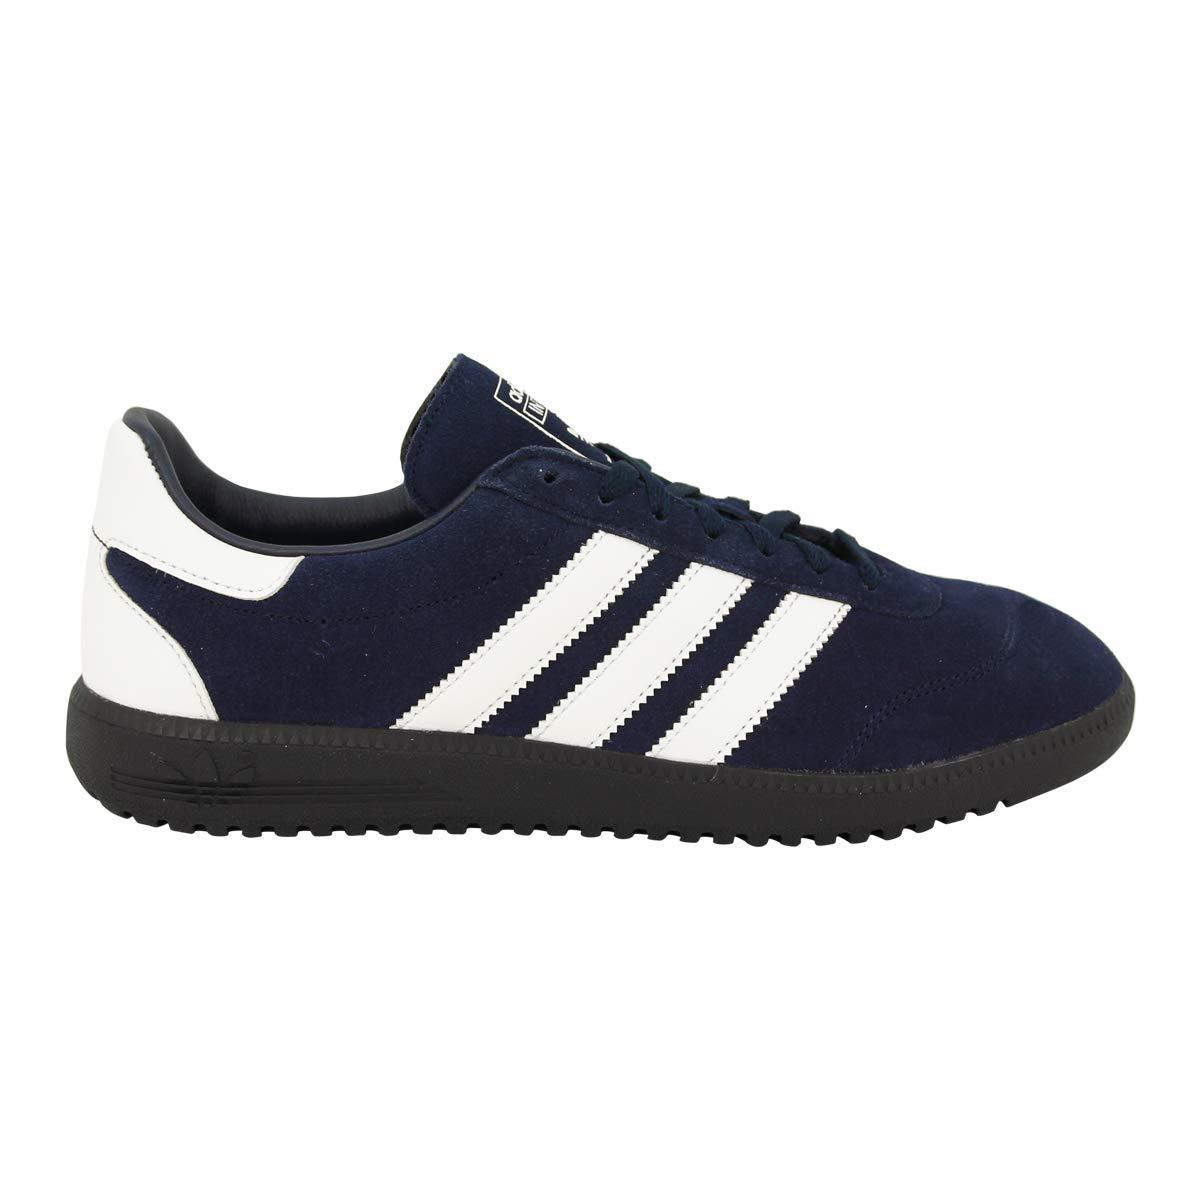 les hommes / femmes est adidas spzl spzl spzl fitness & eacute; est intack points chaussures réputation première belle allemand 6bf28e